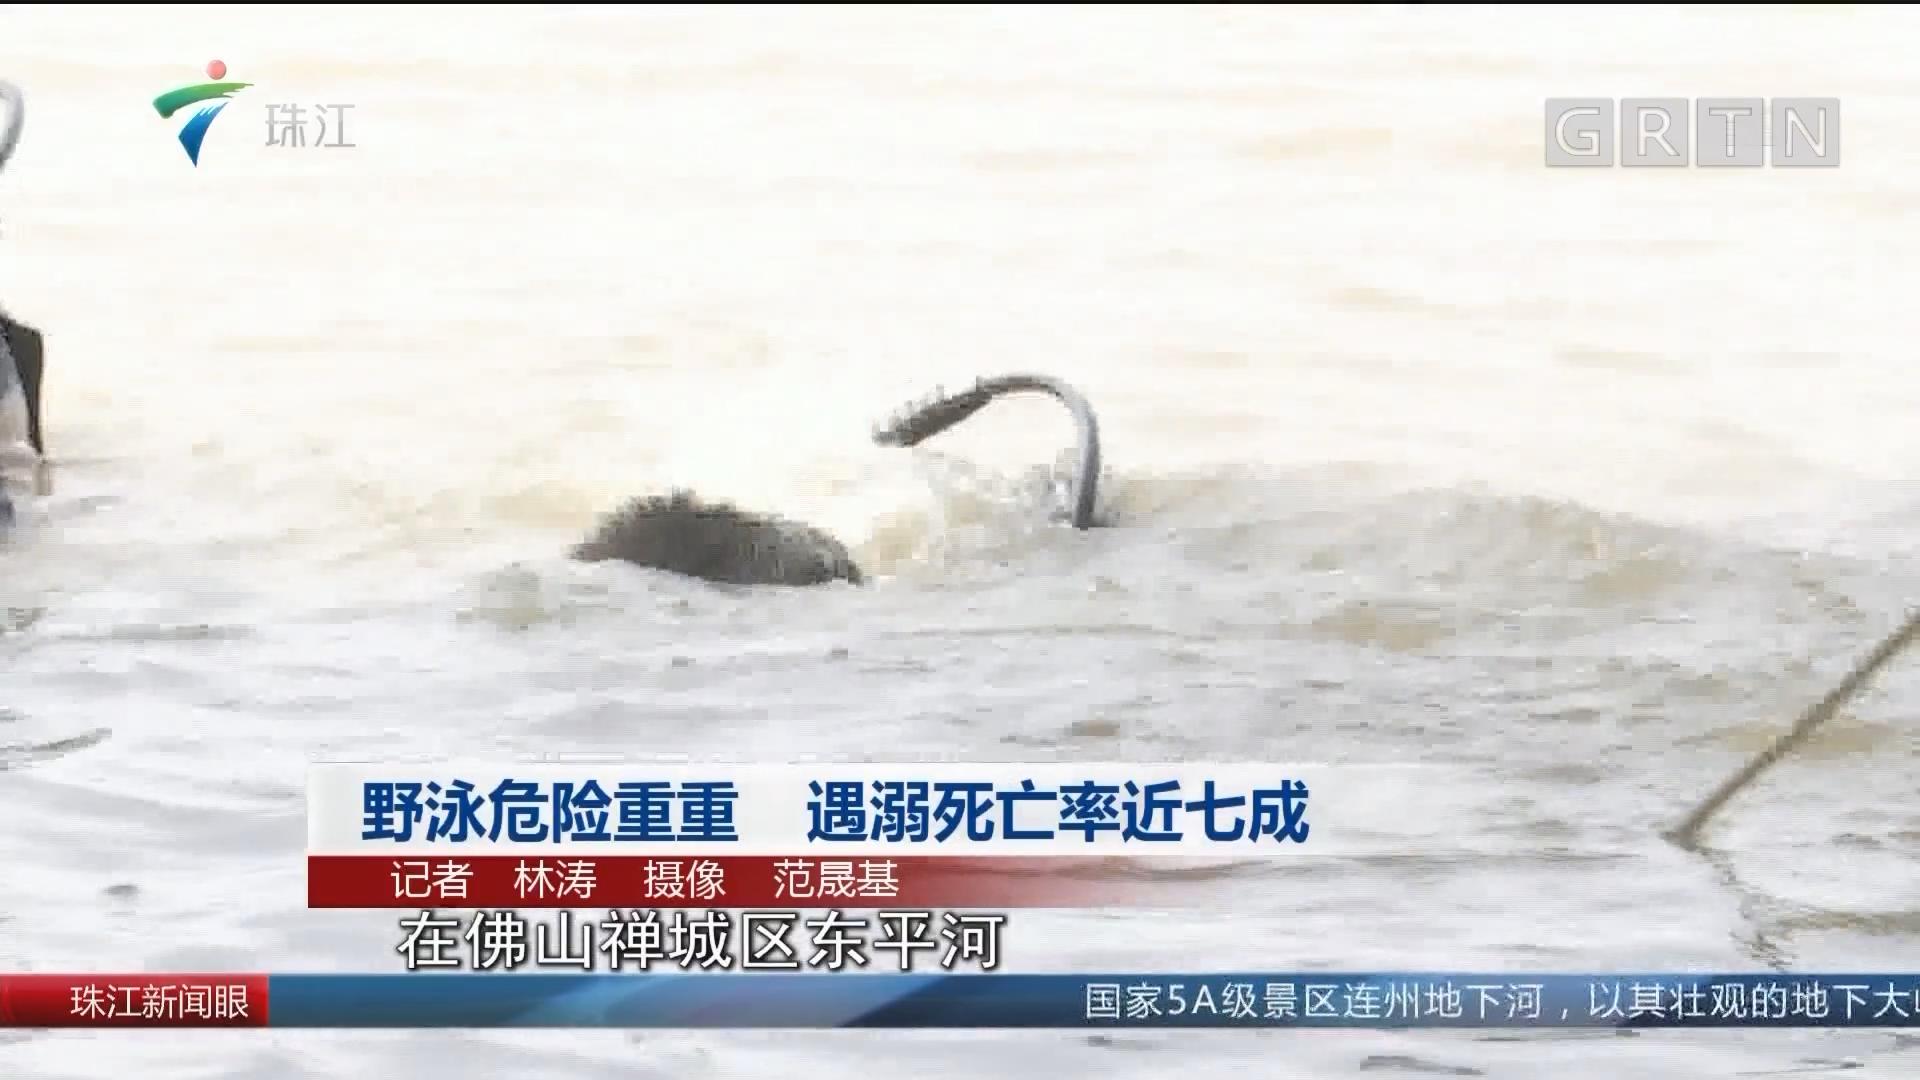 野泳危险重重 遇溺死亡率近七成